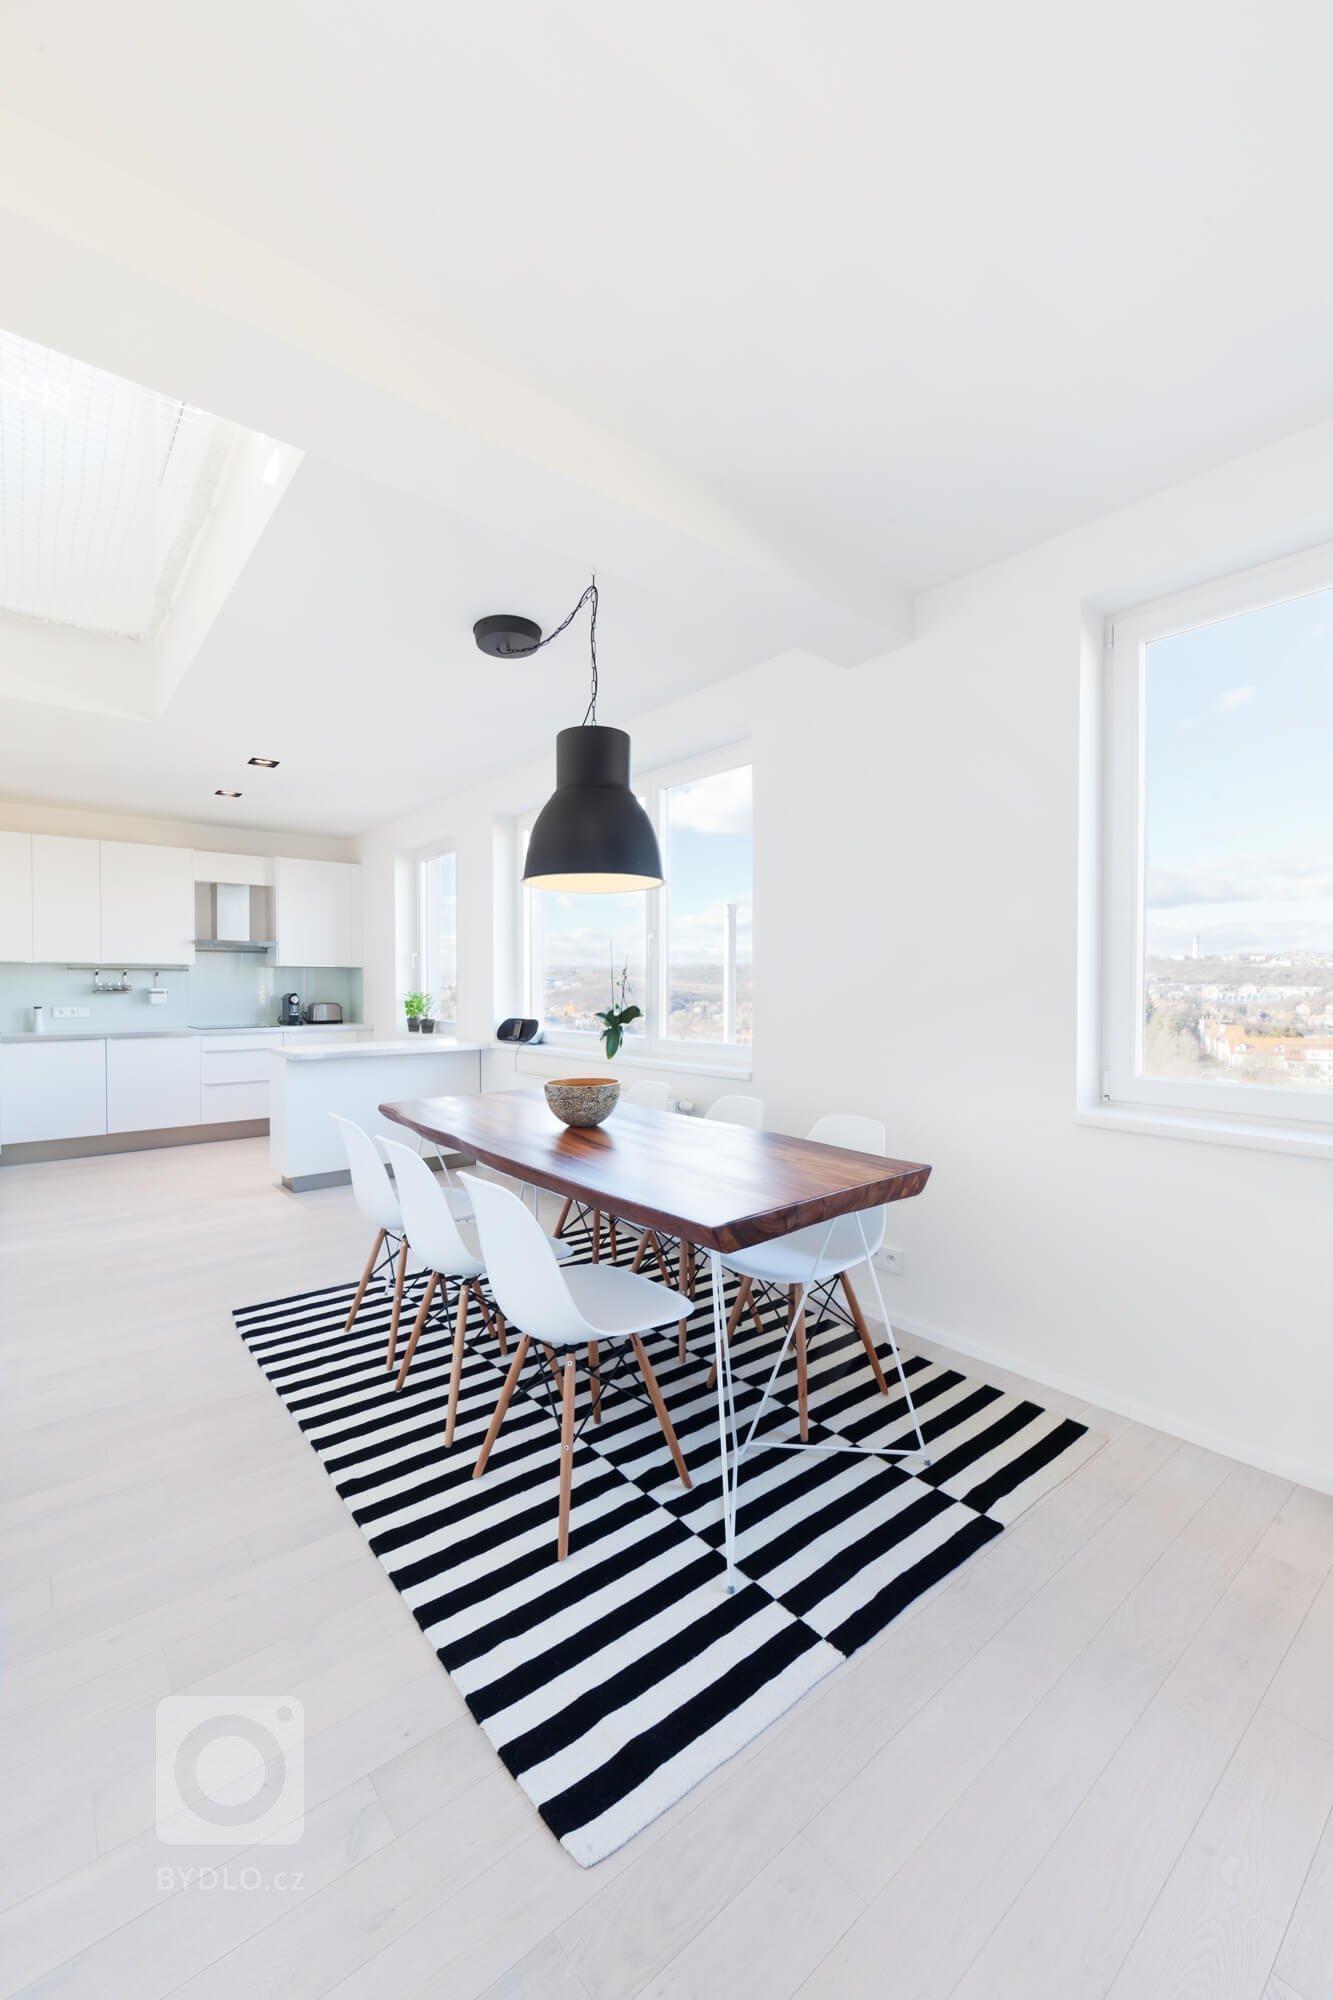 Výrazný stůl a prostorná kuchyň. Vše korunuje krásný výhled.